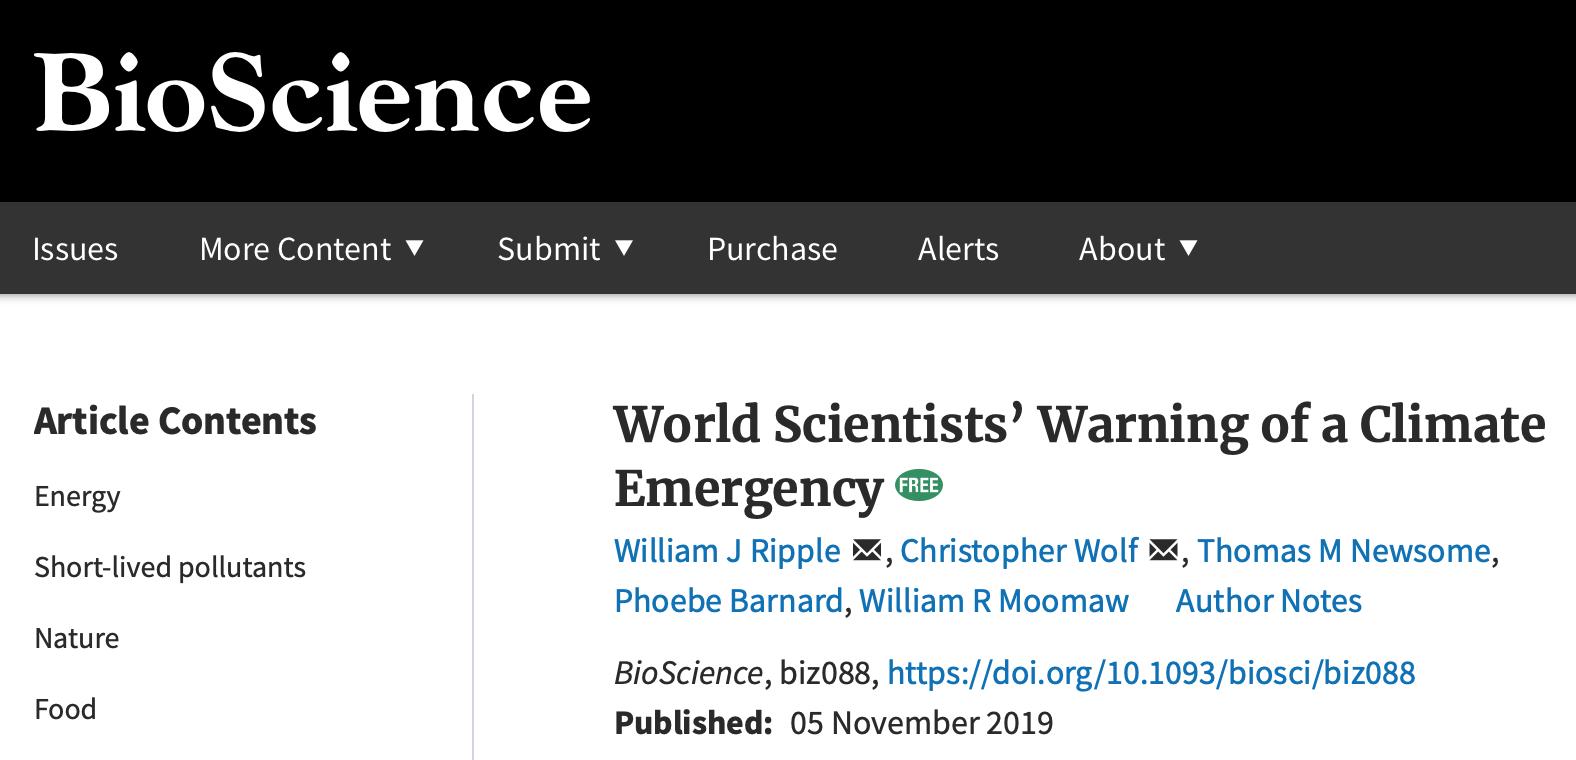 超过11000位科学家发出气候危机警告。BioScience期刊截图